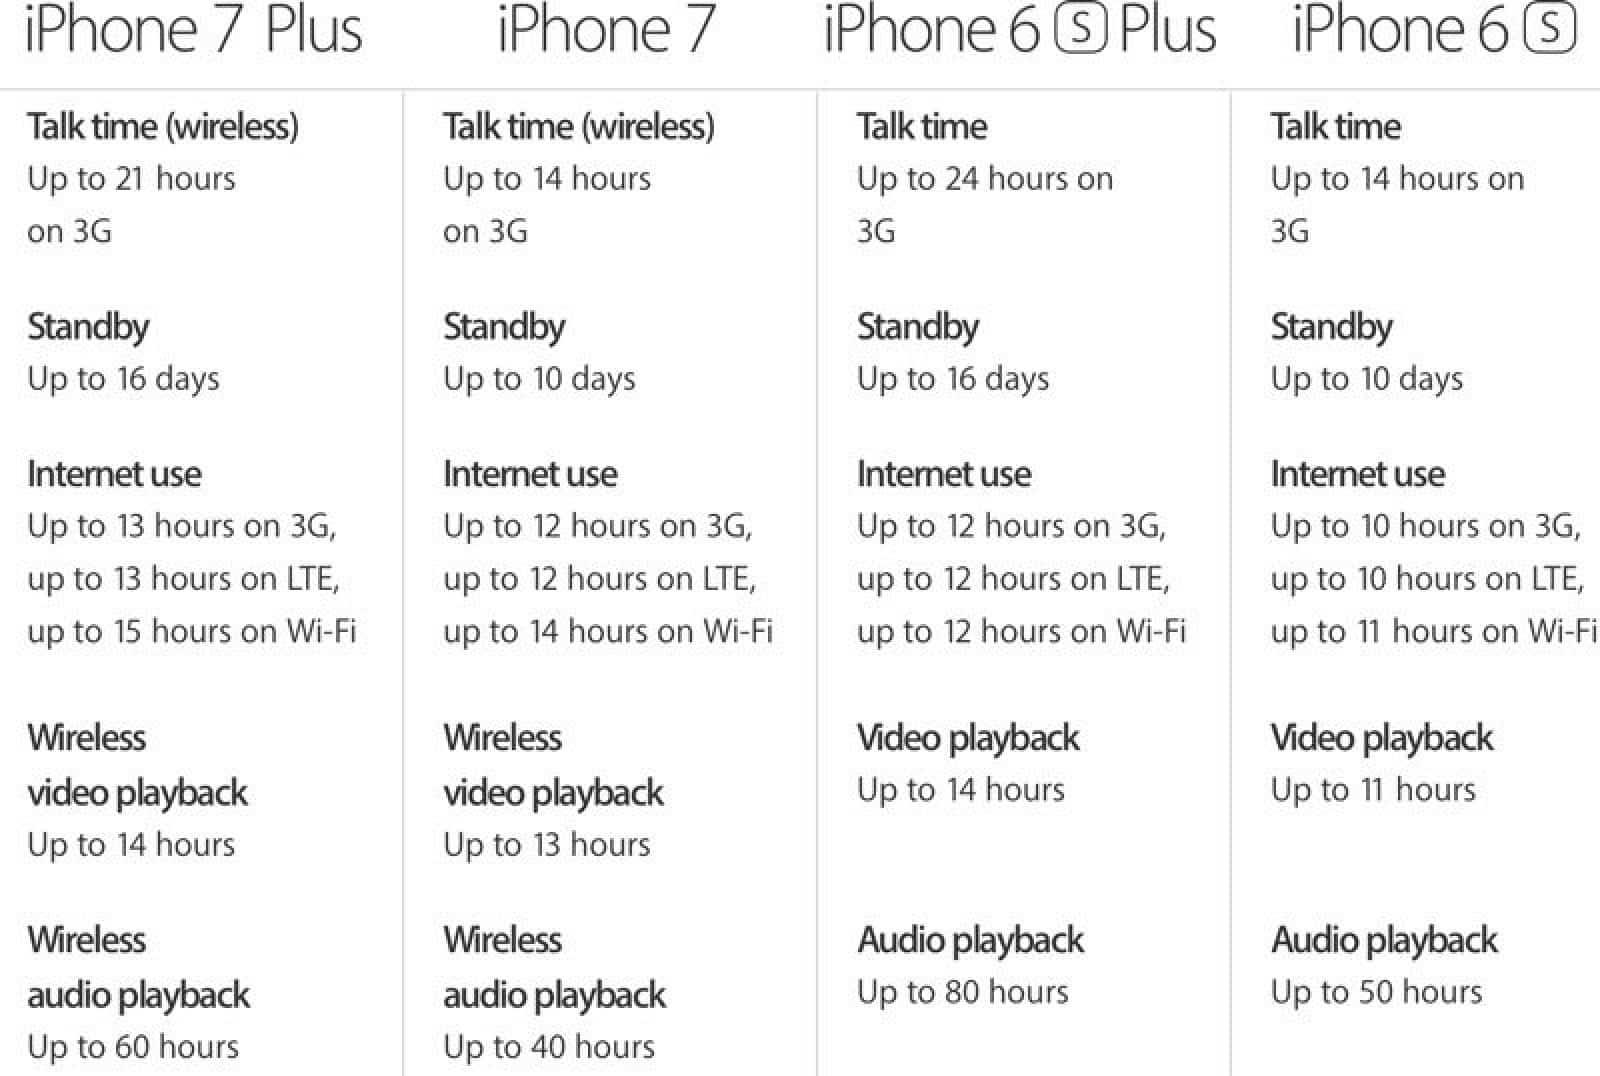 %D8%A2%D9%8A%D9%81%D9%88%D9%86-7-%D8%A8%D9%84%D8%B3 مراجعة آيفون 7 بلس: أحصل على أسرع هاتف في العالم وتجاهل آيفون 7